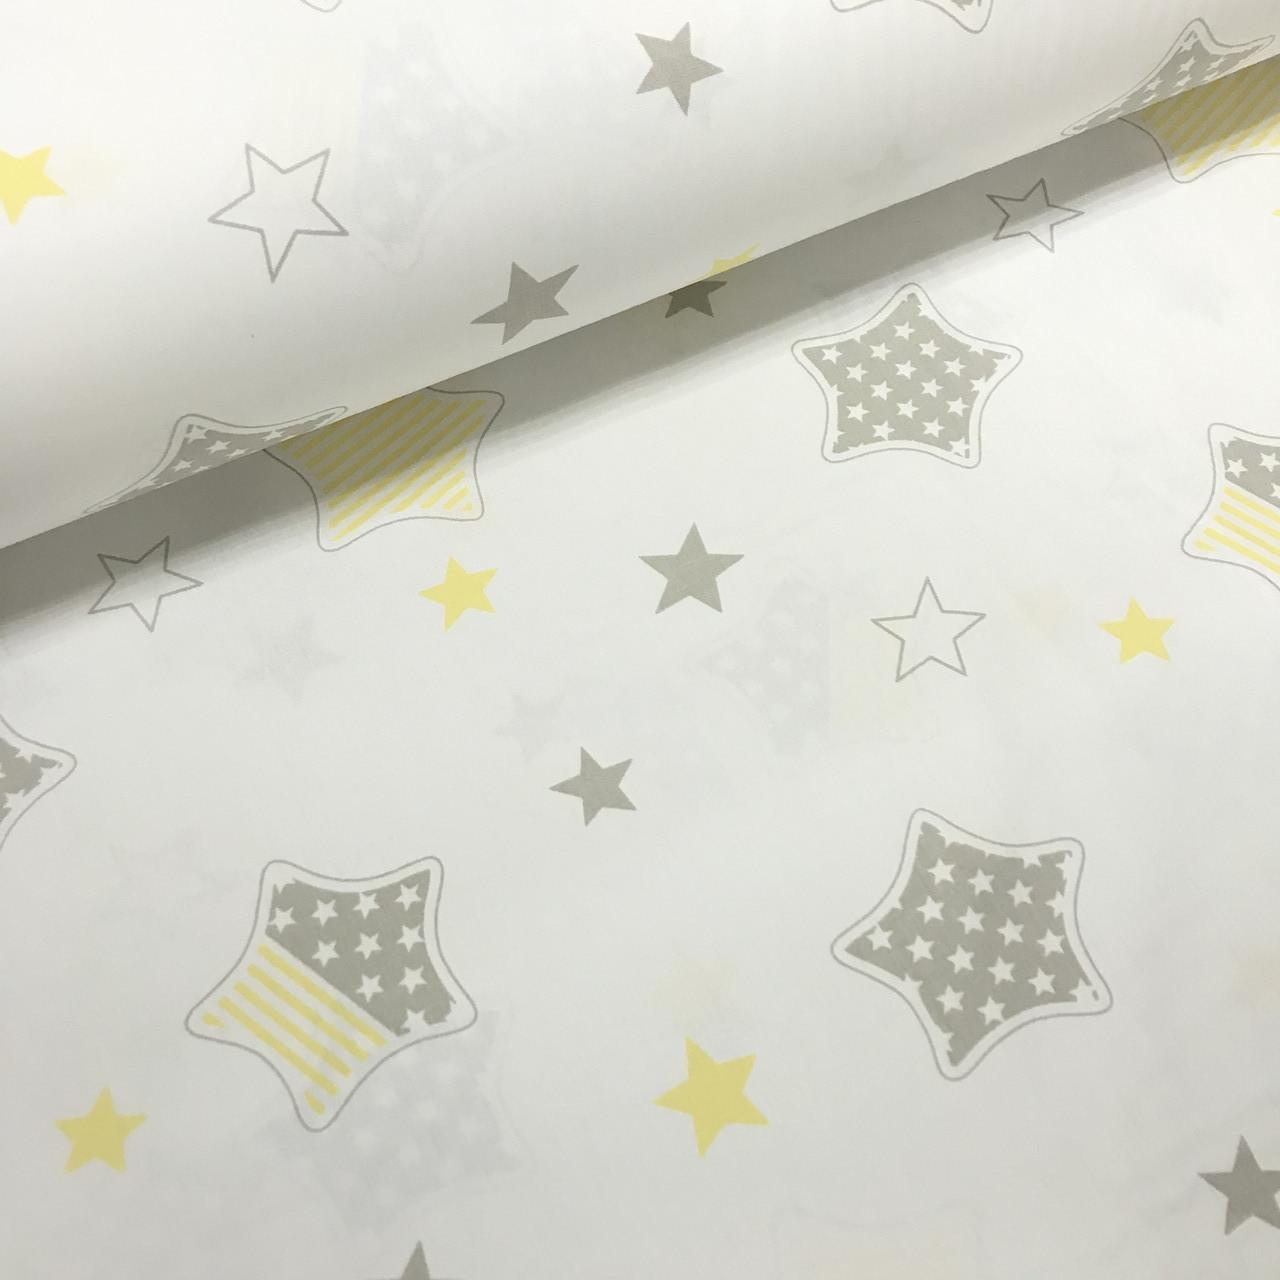 Ткань поплин звезды серо-желтые с желтой полоской внутри на белом(ТУРЦИЯ шир. 2,4 м)